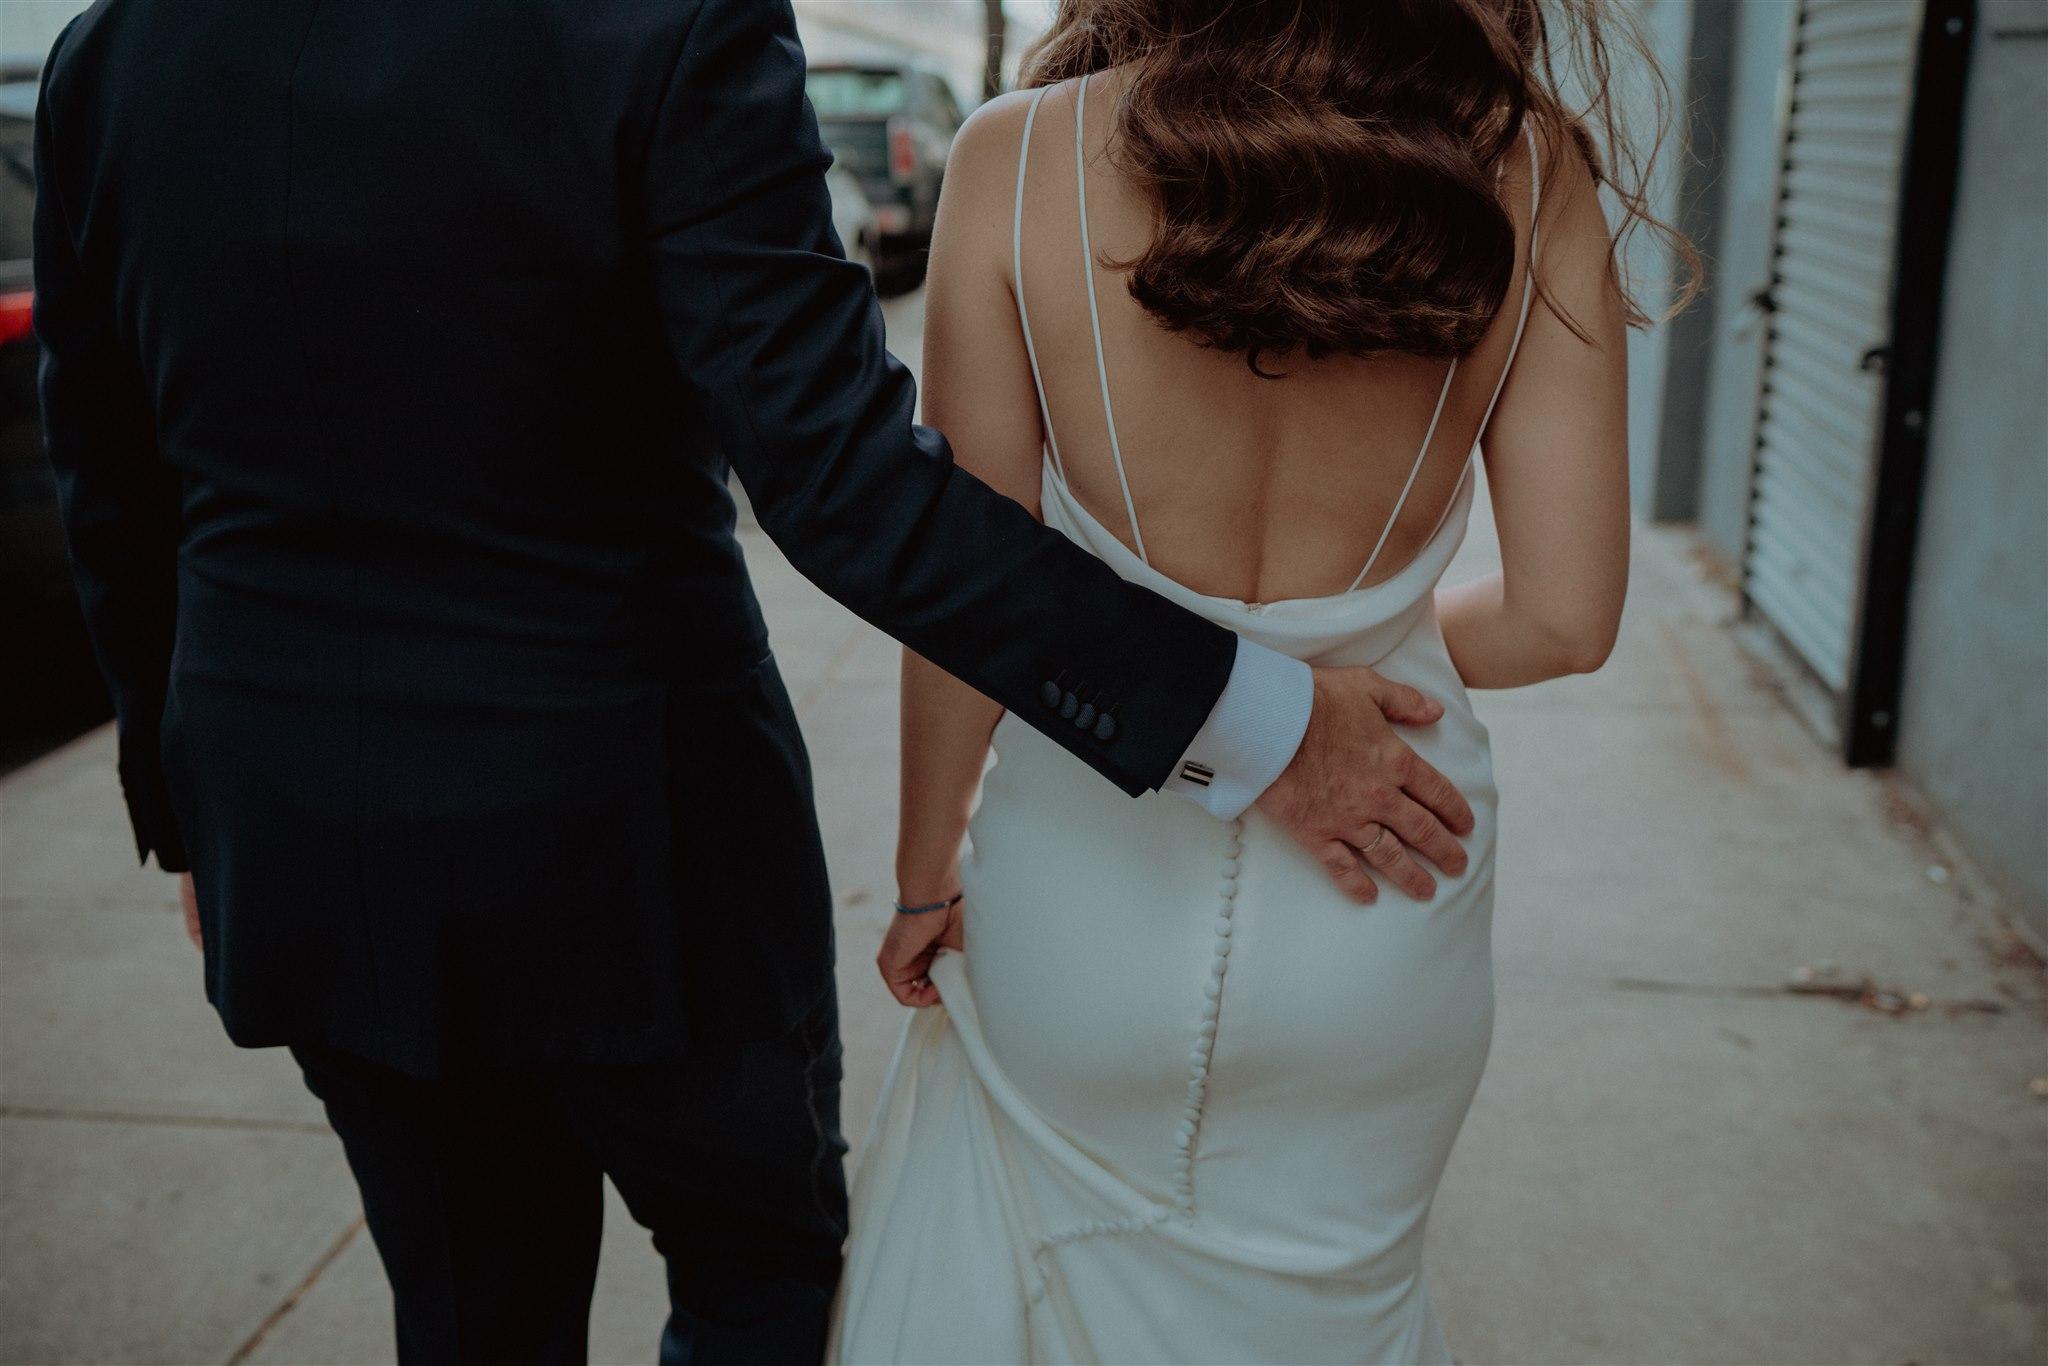 Chellise_Michael_Photography_Ramona_Brooklyn_Wedding_Photographer-411.jpg